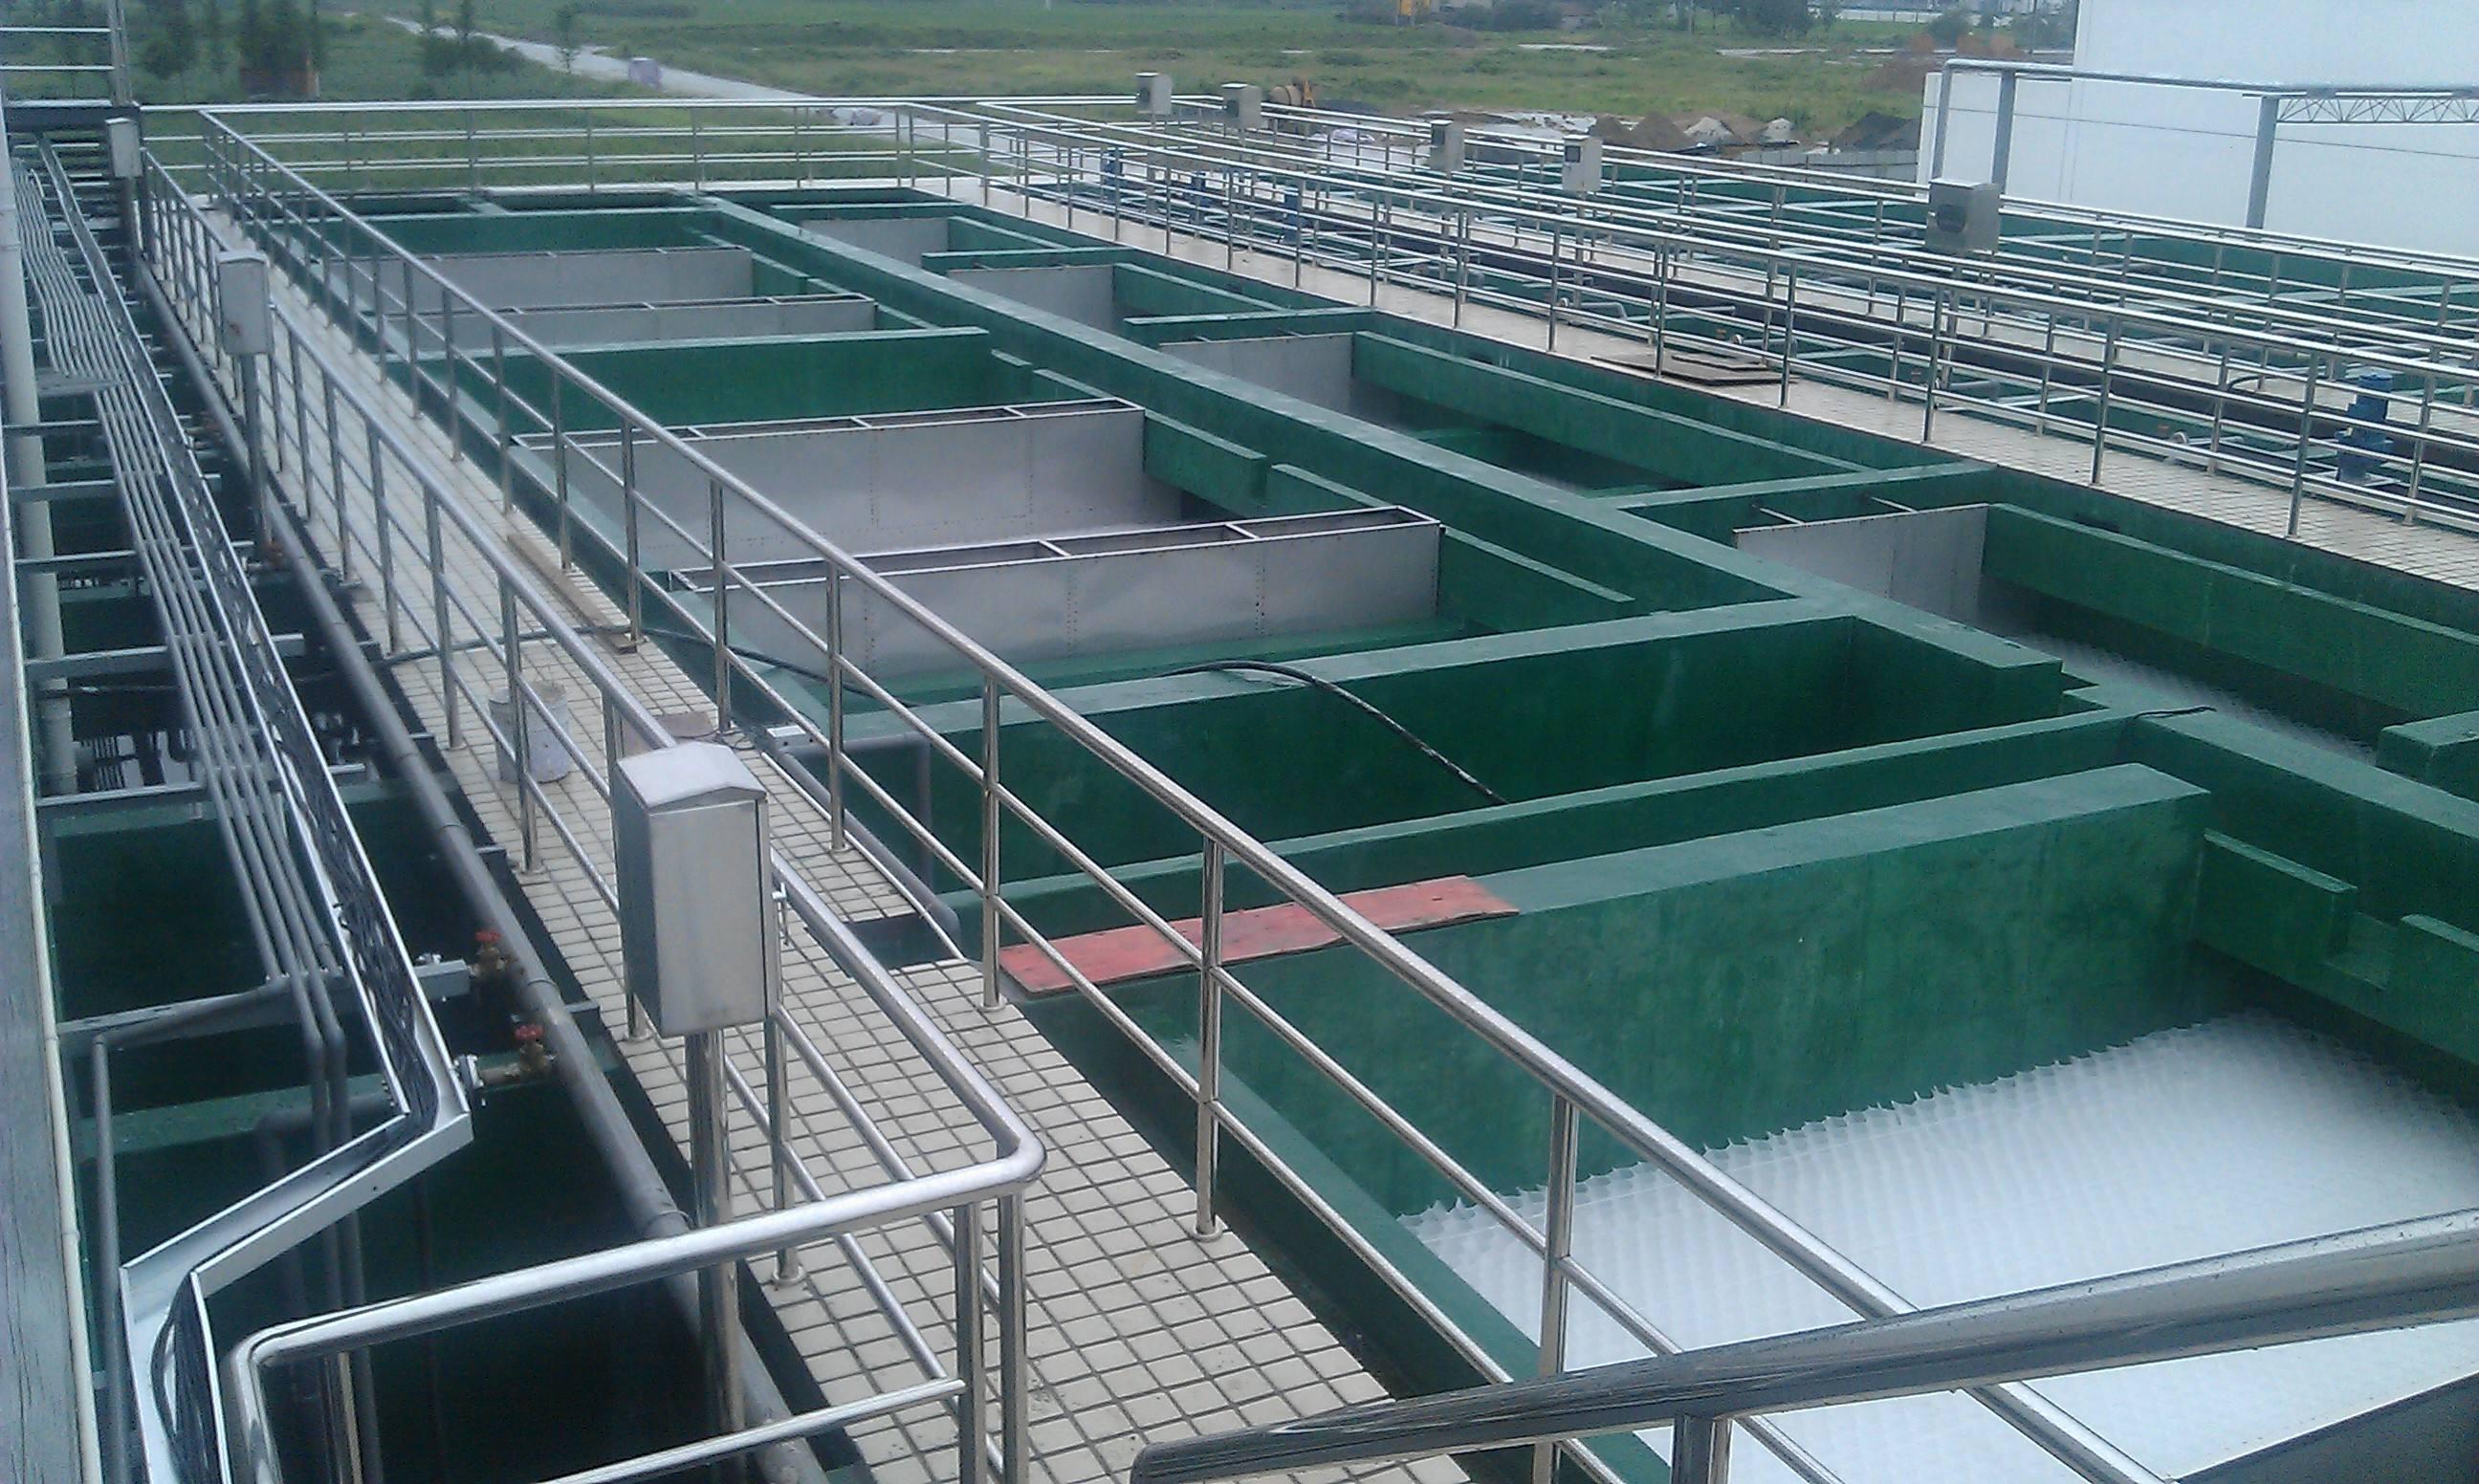 绿禾盛浅析化工废水影响范围